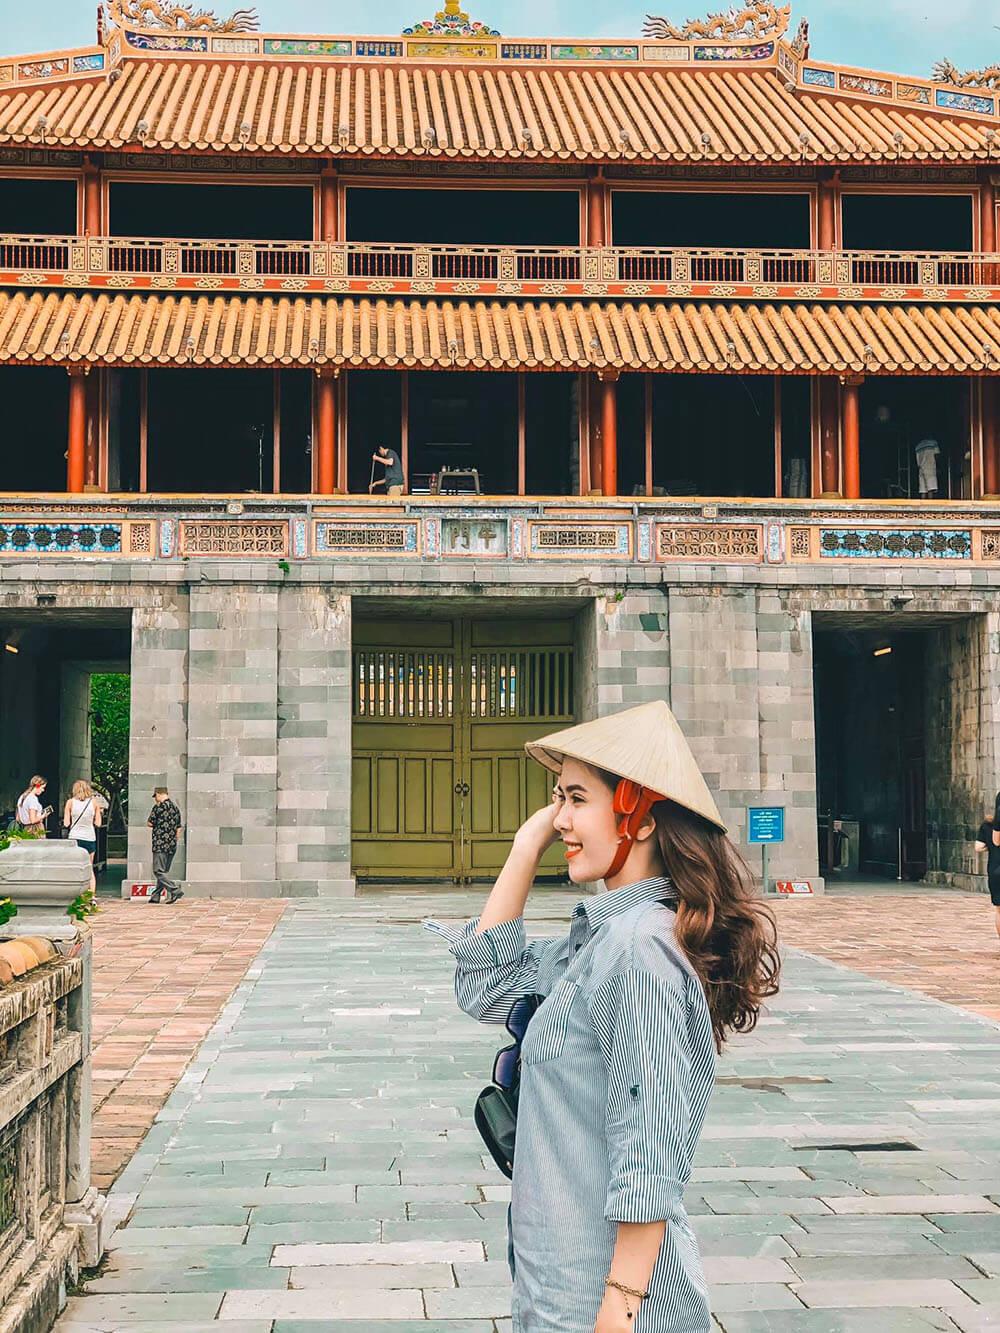 Quan The Di Tich Hoan Cung Hue Dai Noi Hue Review Hue Da Nang Hoi An Ninh Binh 7n7d Chi Voi 8 Trieu Tin Duoc Khong